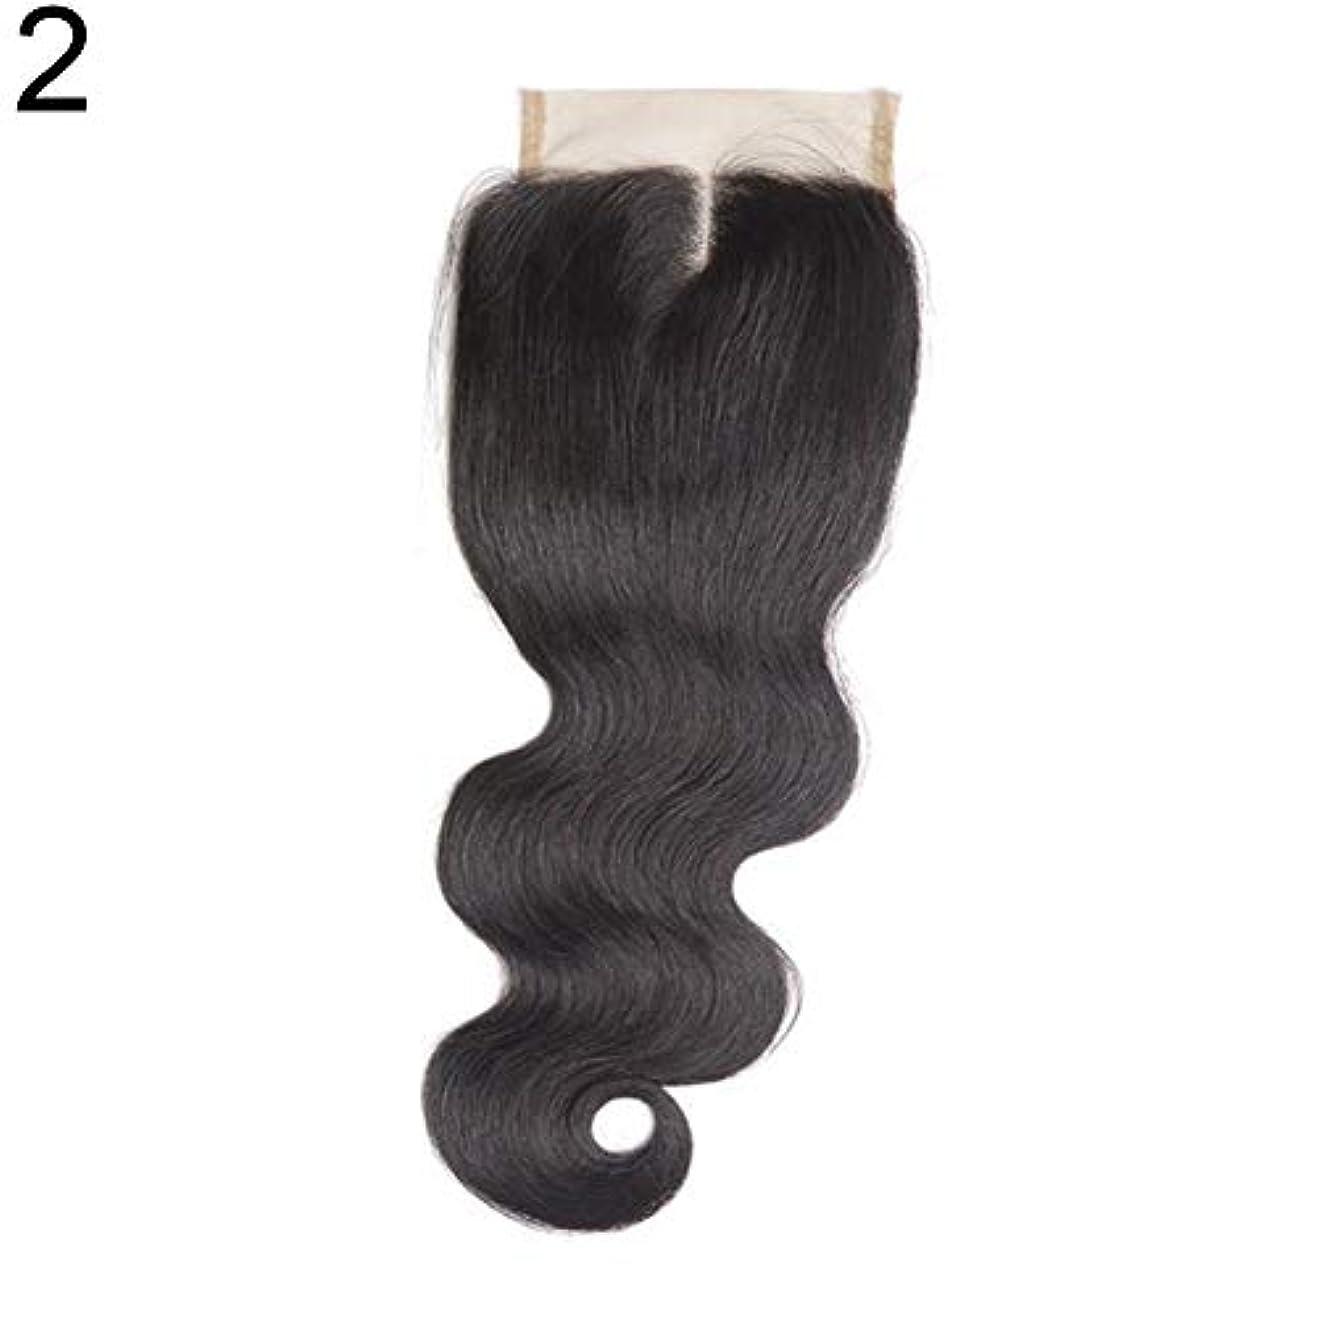 雰囲気世代成功するslQinjiansav女性ウィッグ修理ツールブラジルのミドル/フリー/3部人間の髪のレース閉鎖ウィッグ黒ヘアピース